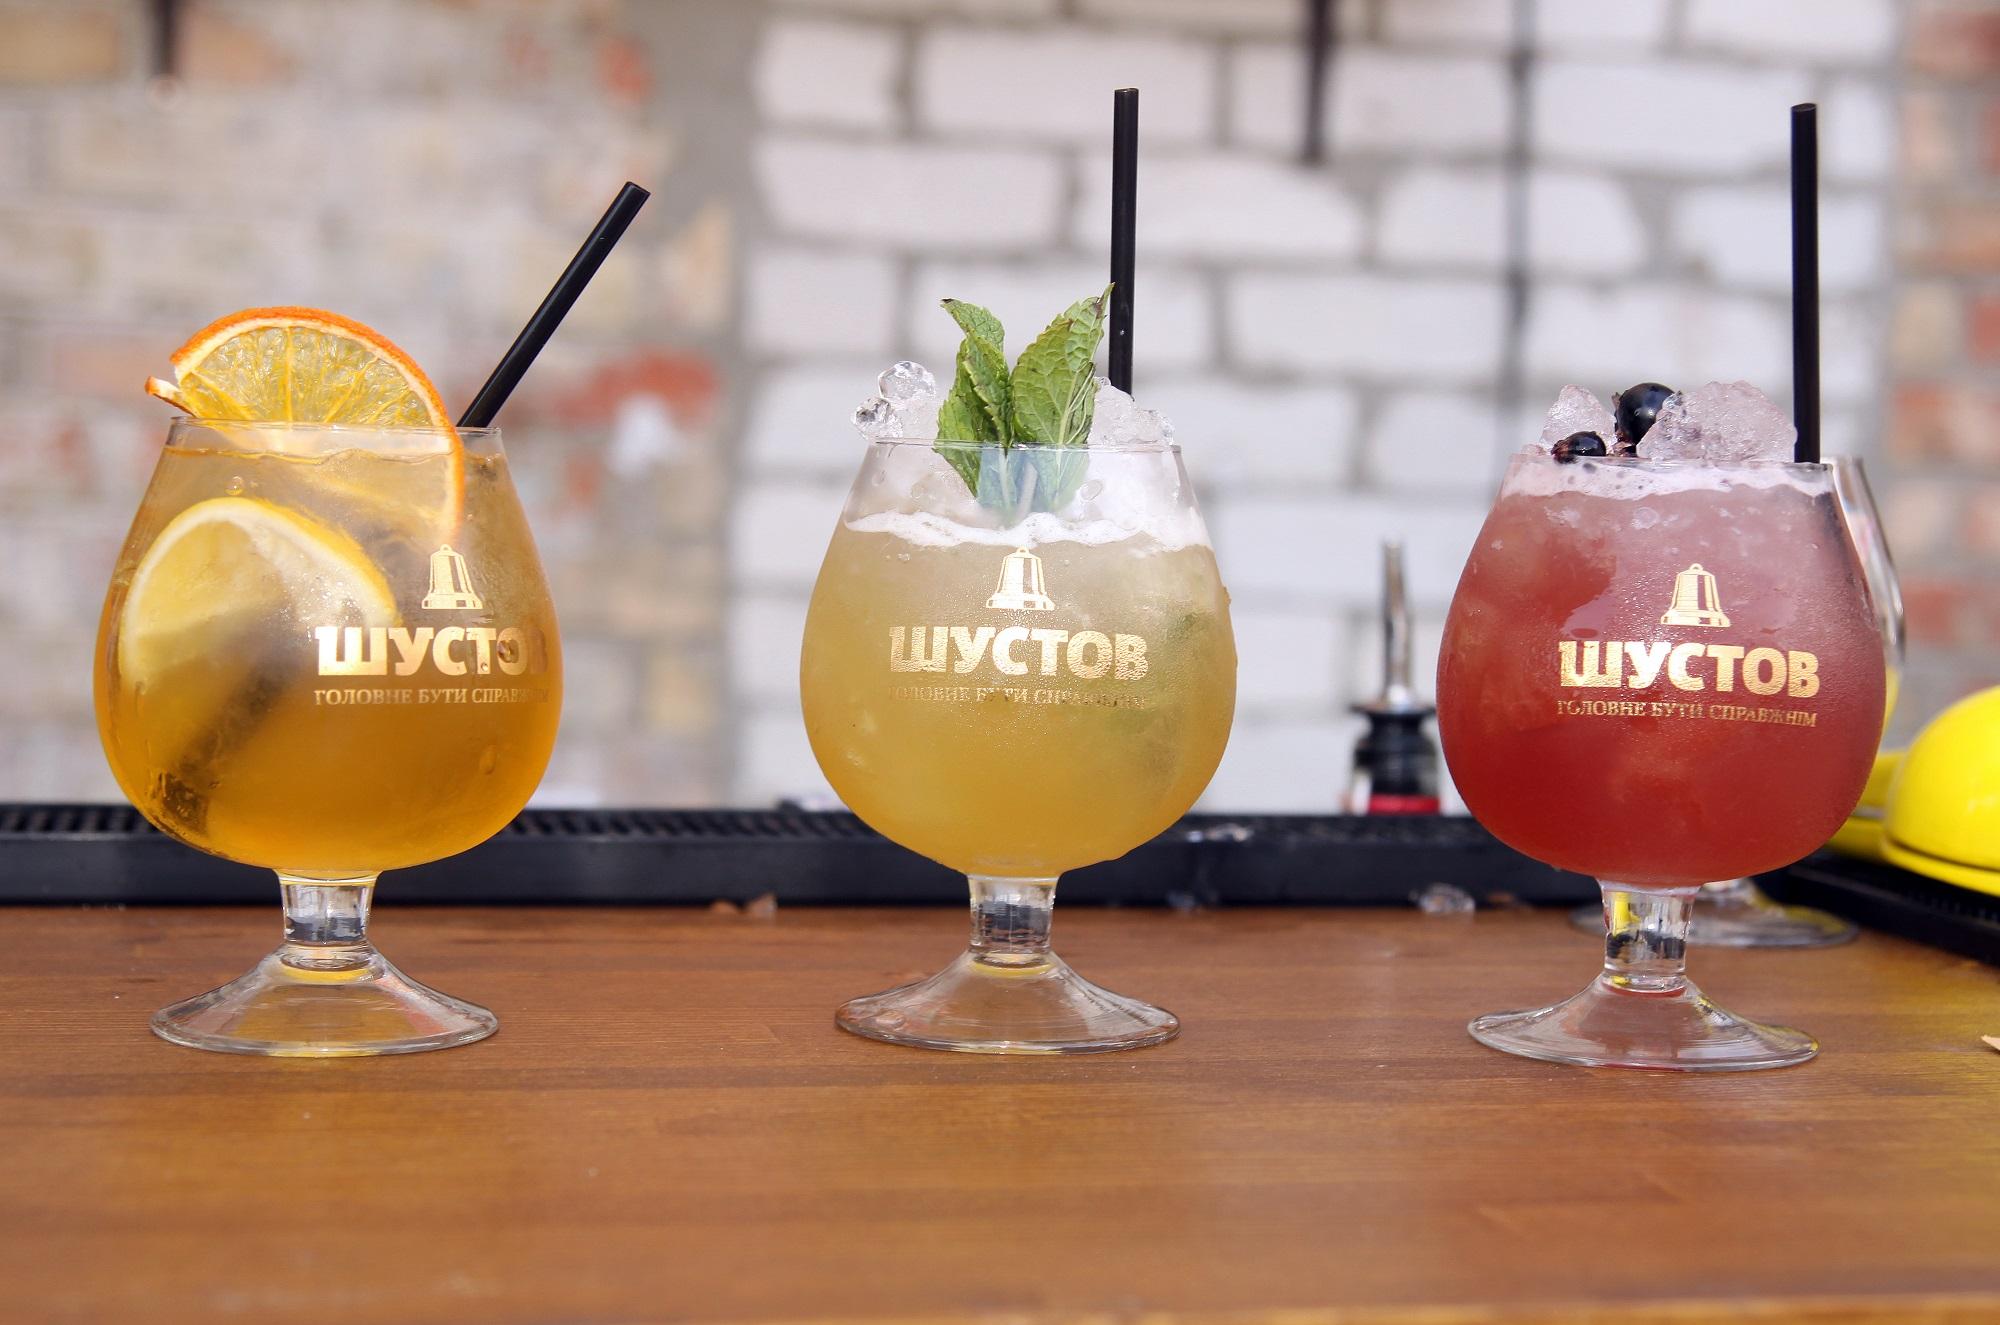 Фото: «Шустов» розвиває коньячну коктейльну культуру в Україні.